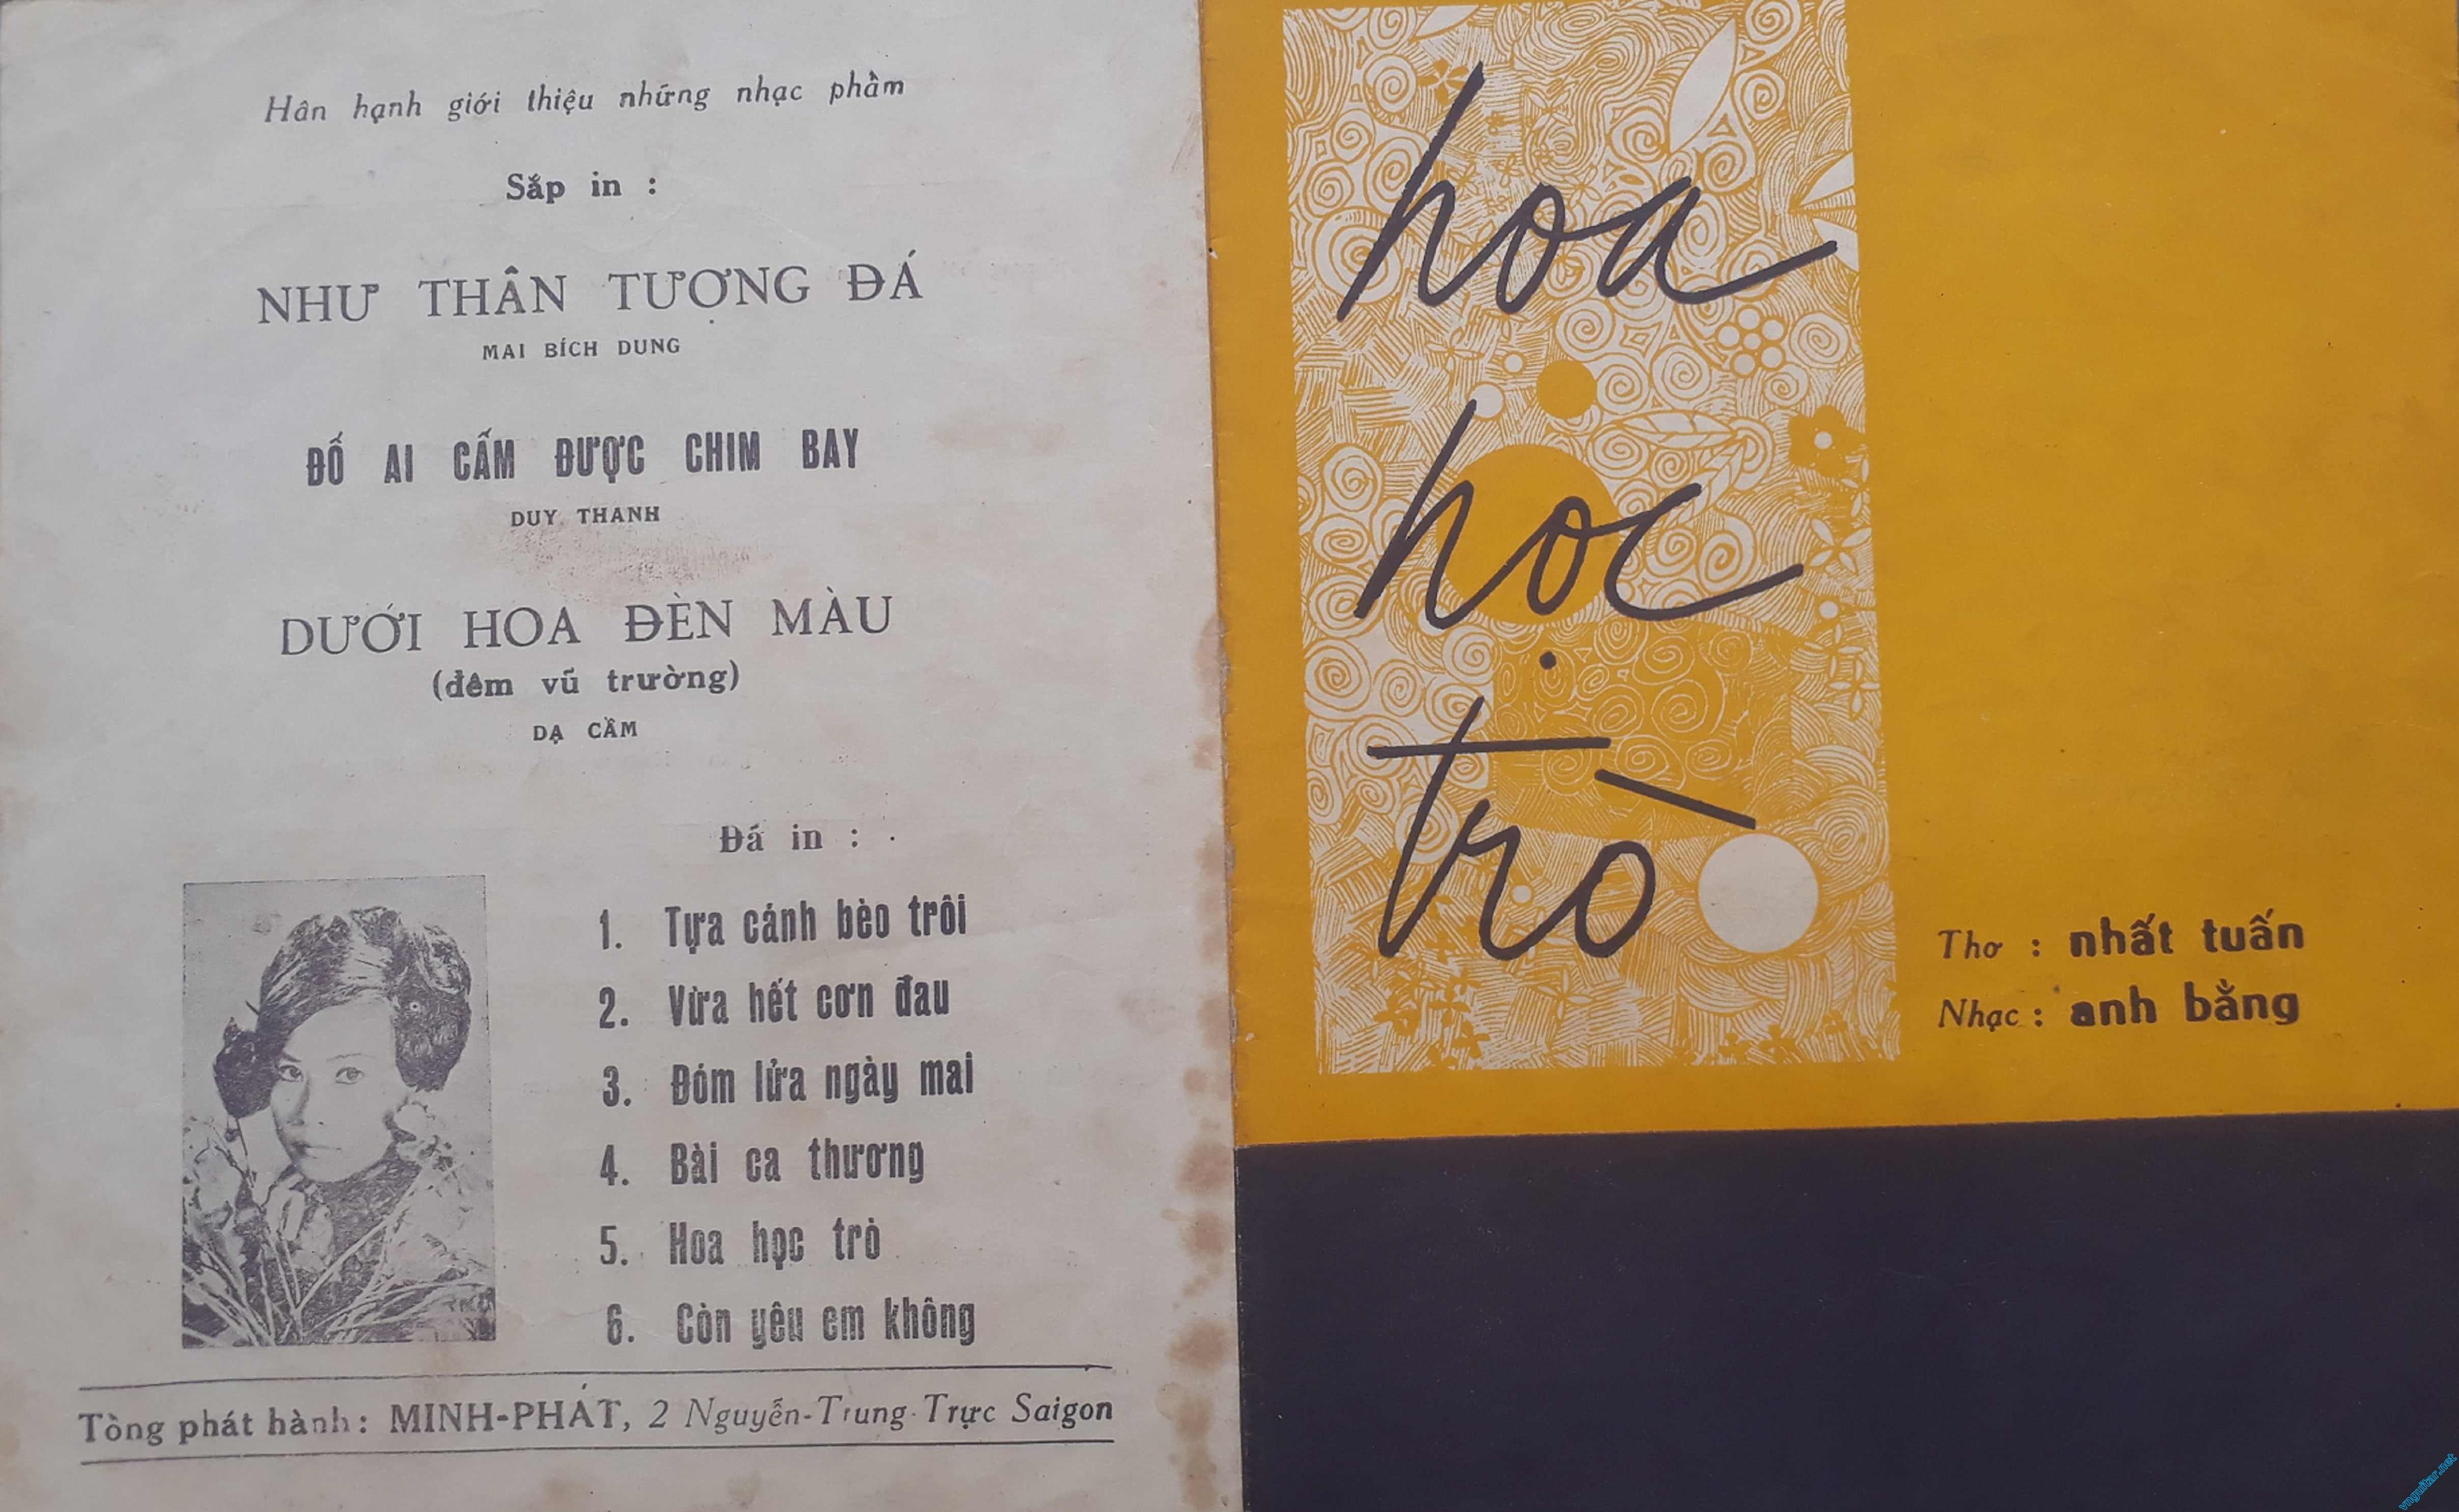 Hoa Hoc Tro_2-min.JPG